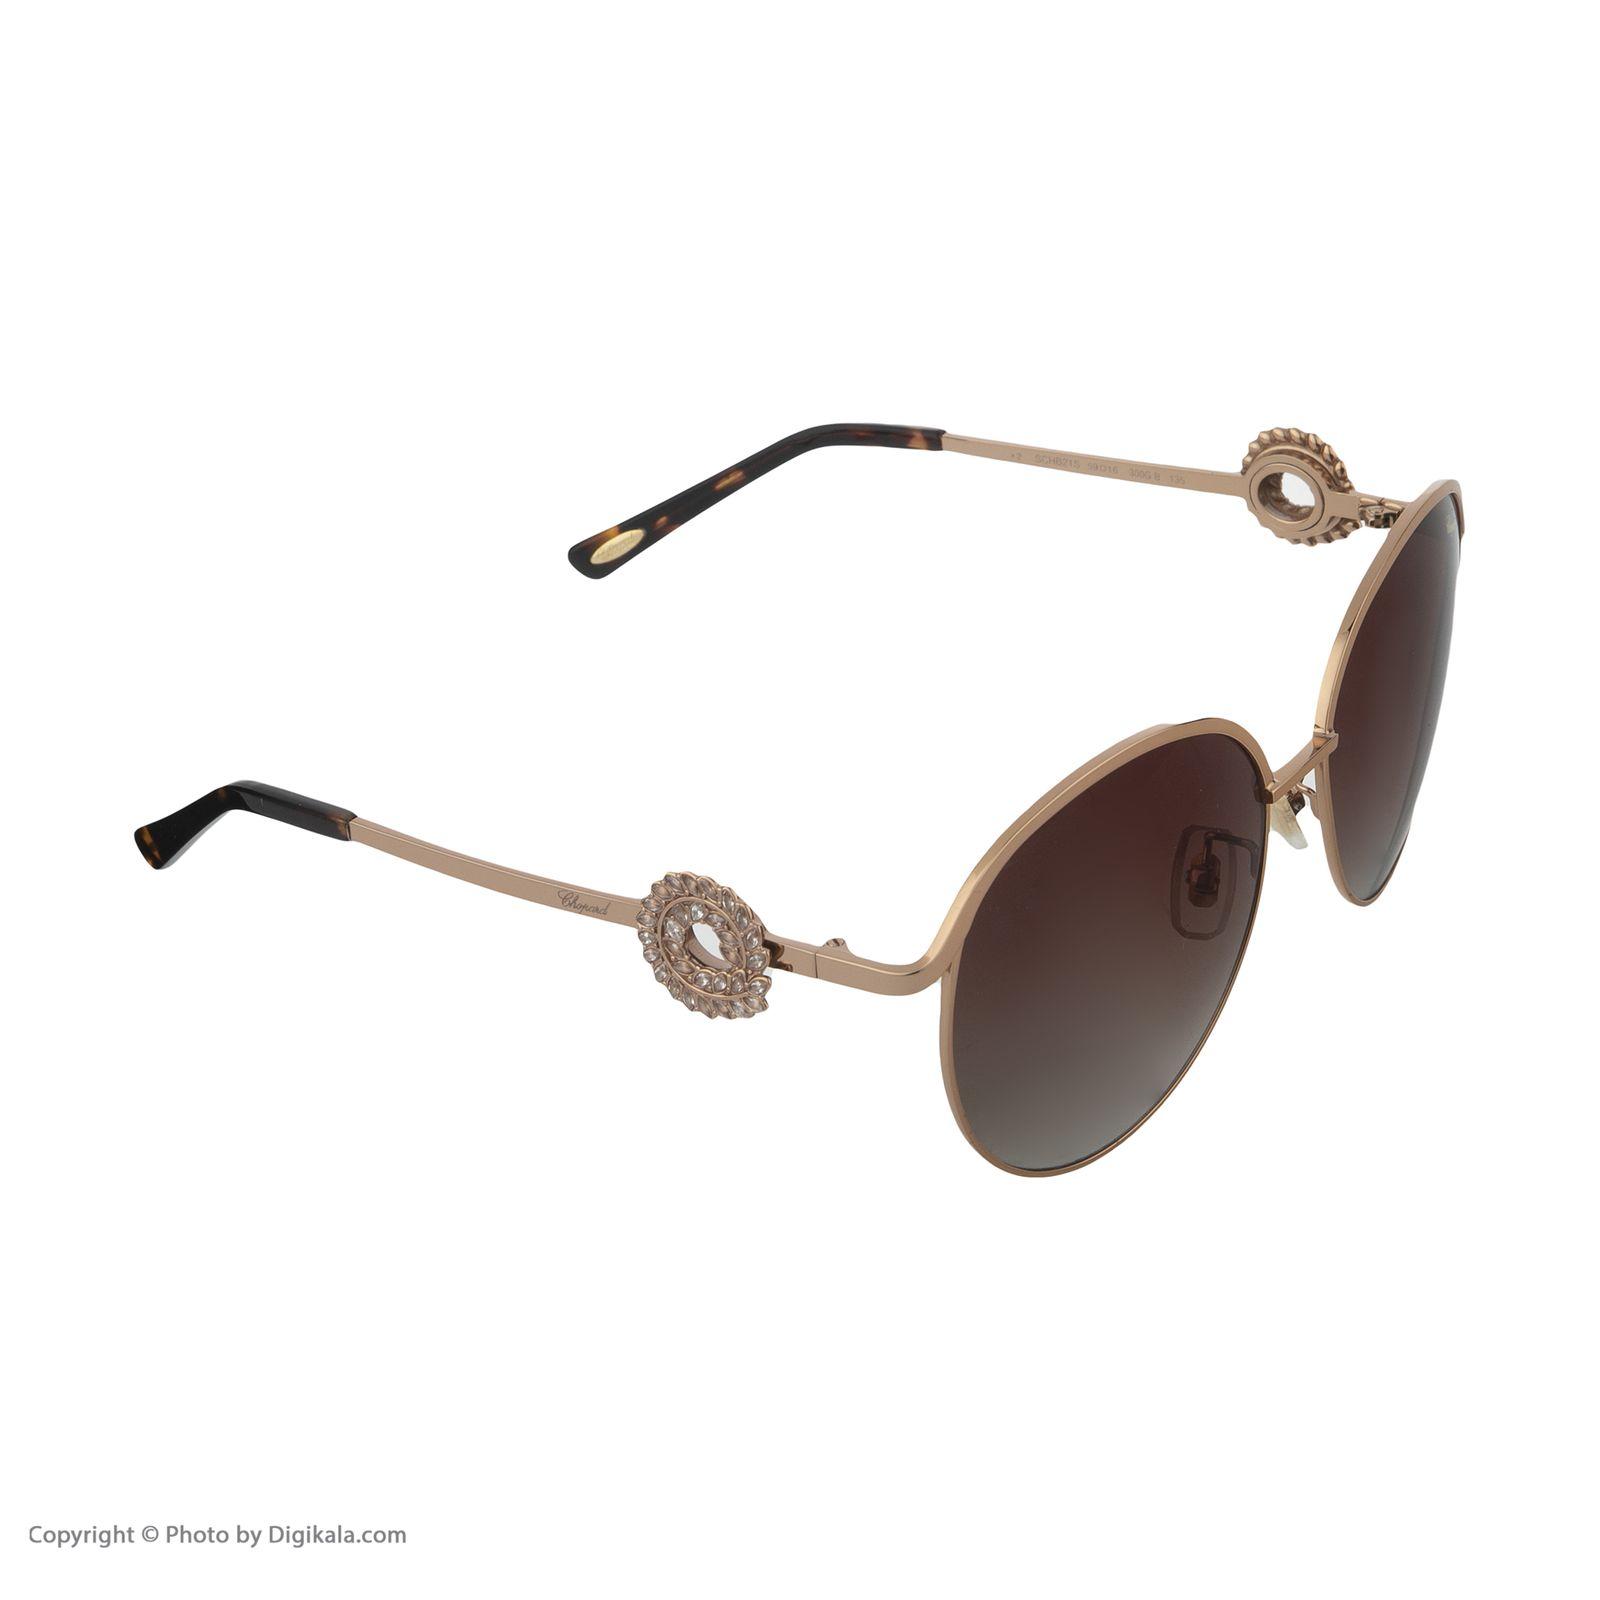 عینک آفتابی زنانه شوپارد مدل 21 -  - 6